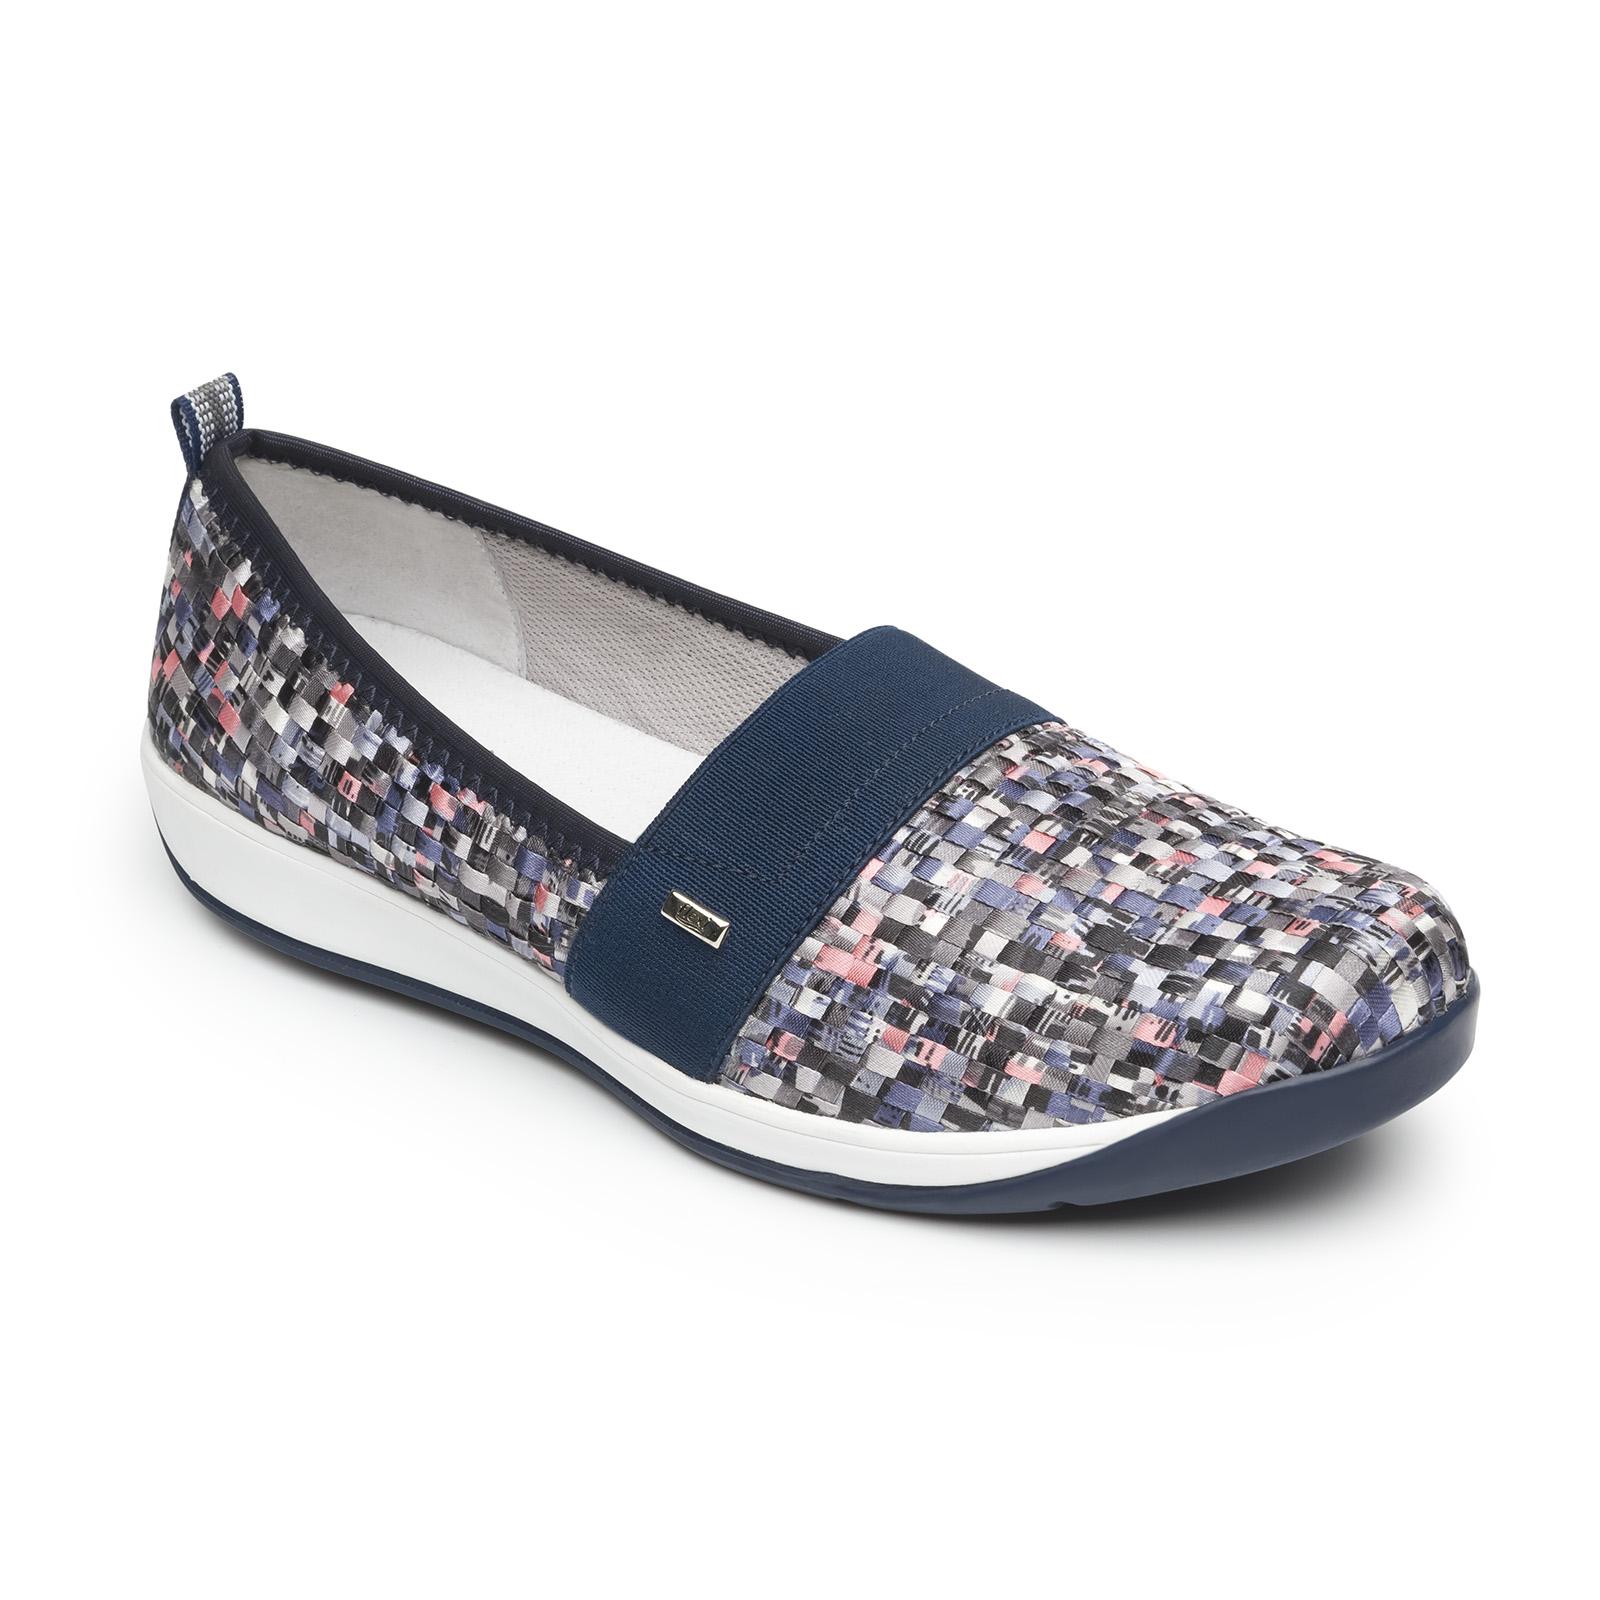 Zapatos de mujer Flexi ¡Los mejores diseños! - Zapatos Flexi México c970bd7346852